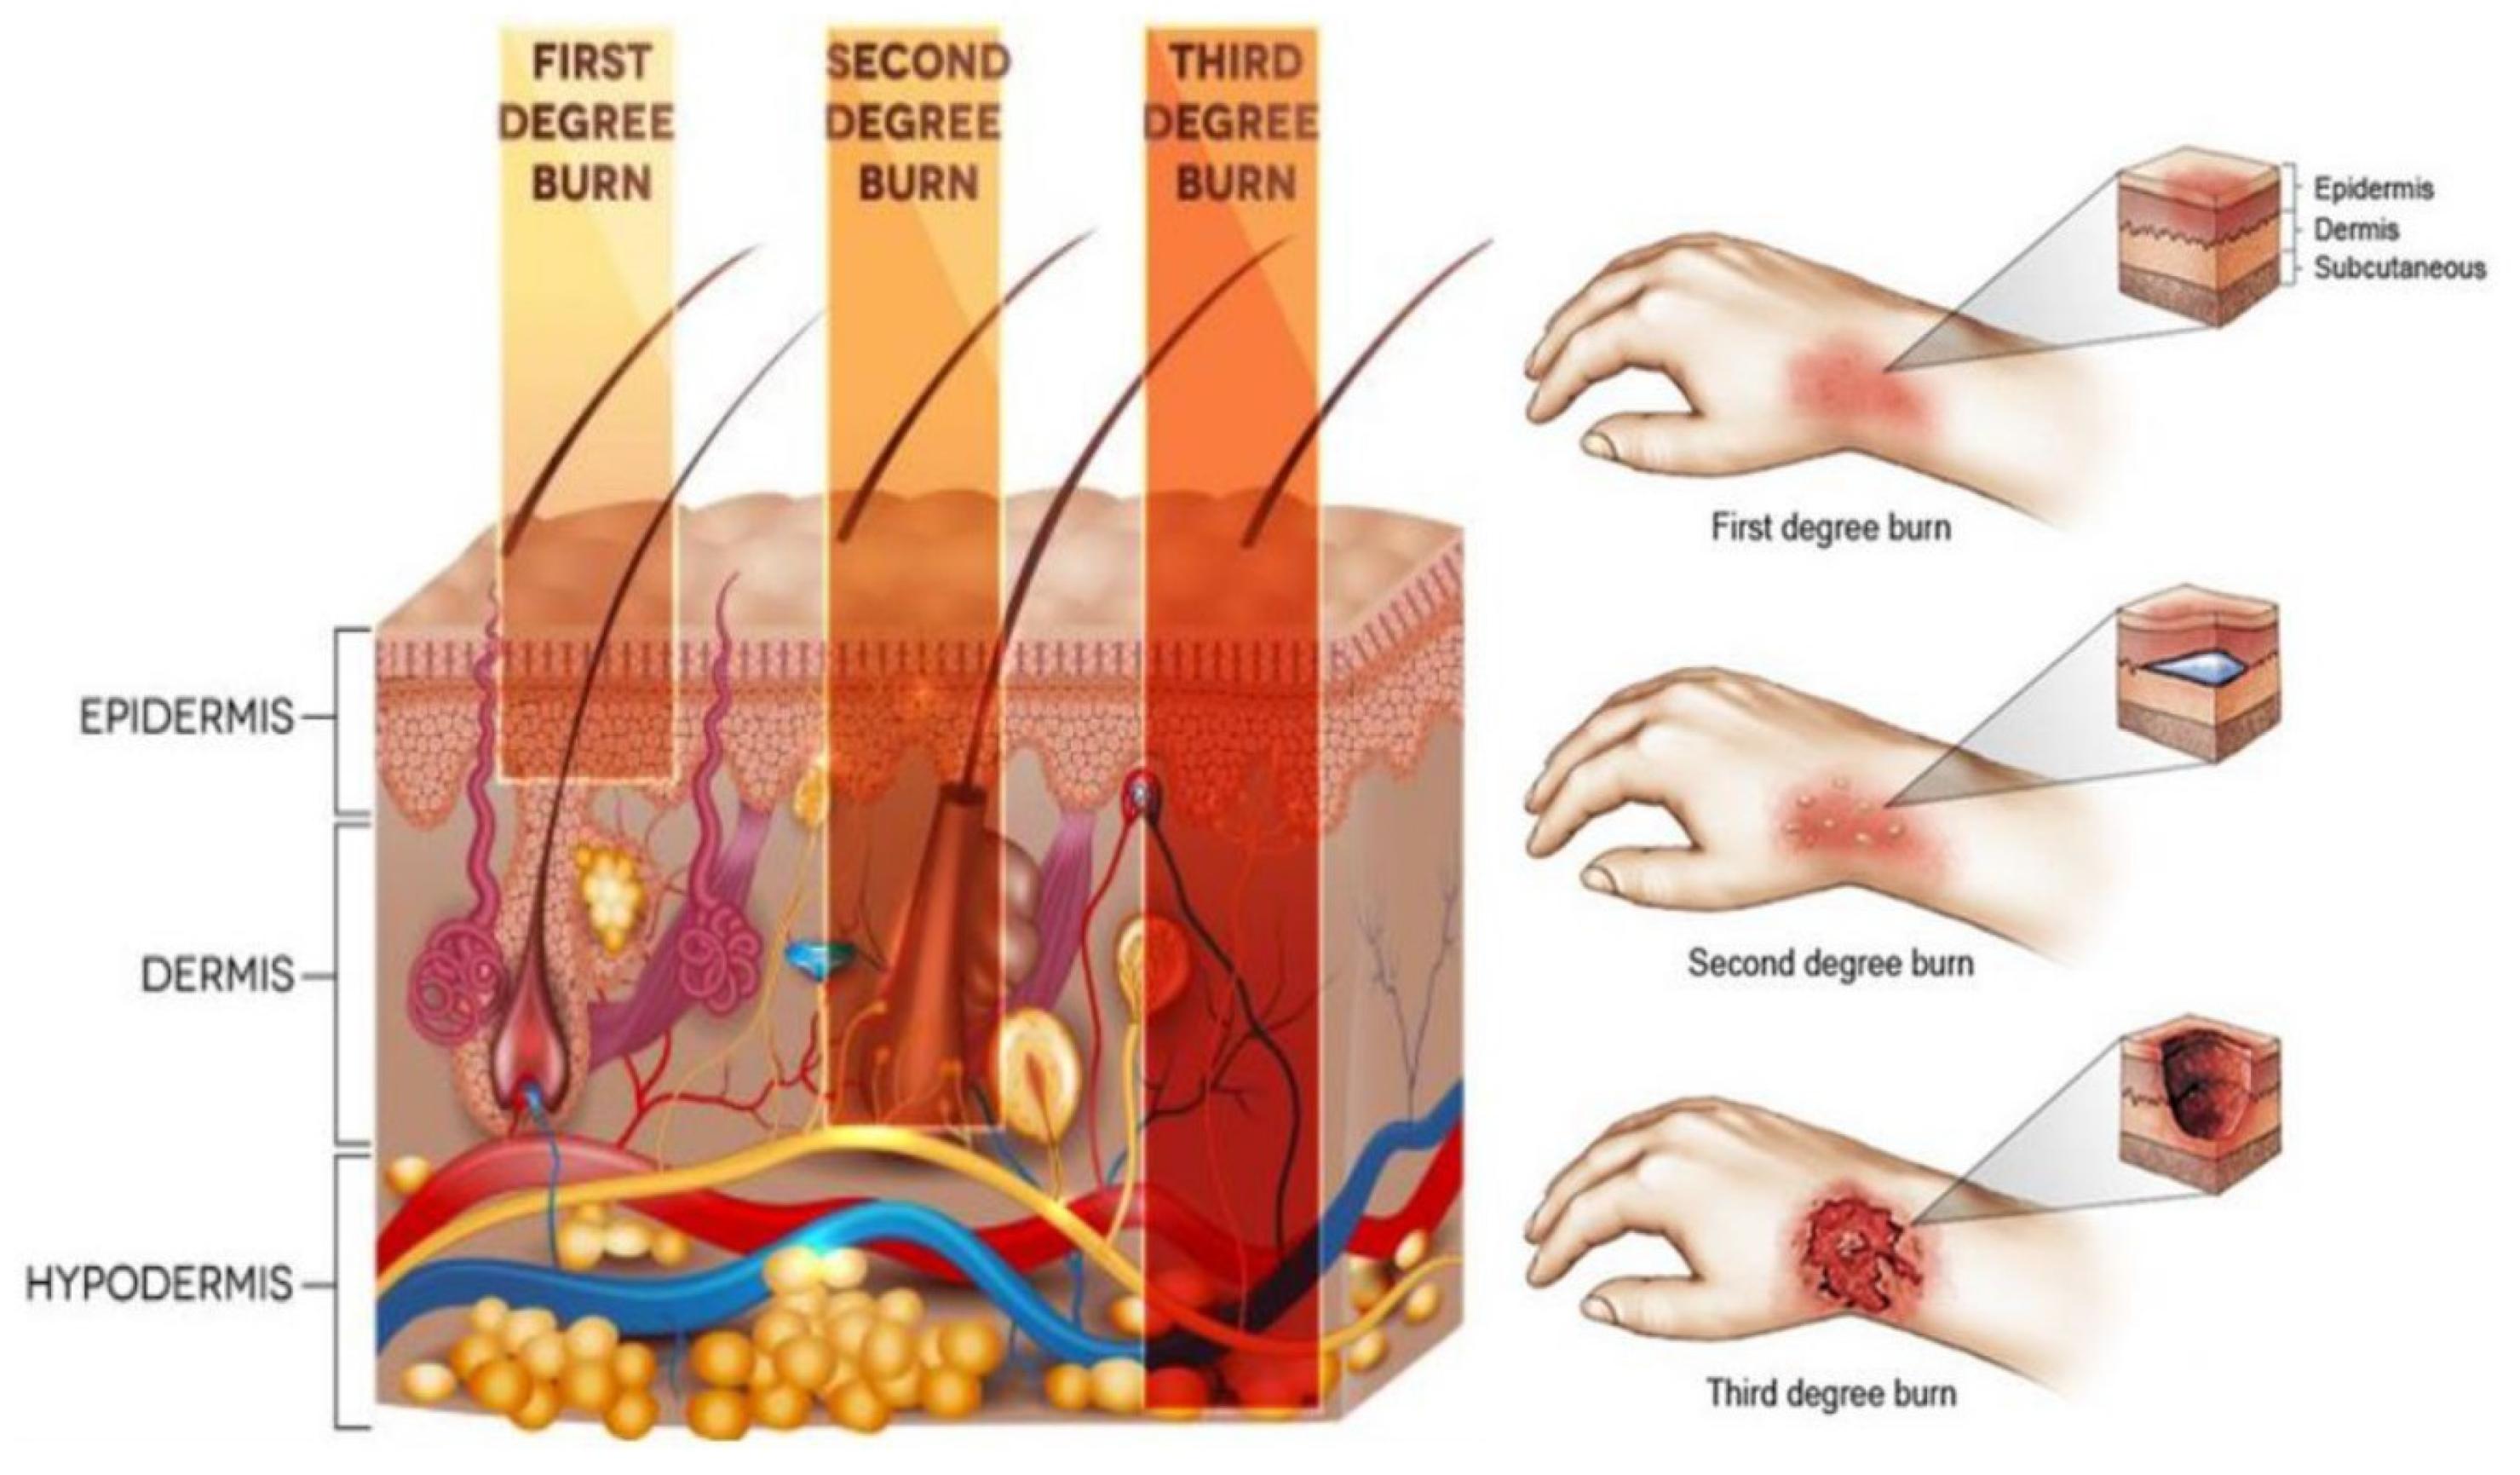 Τραύμα θεραπεία τεχνολογία: Αποτελεσματικό υδροτζέλ εξαφανίζει τις ουλές